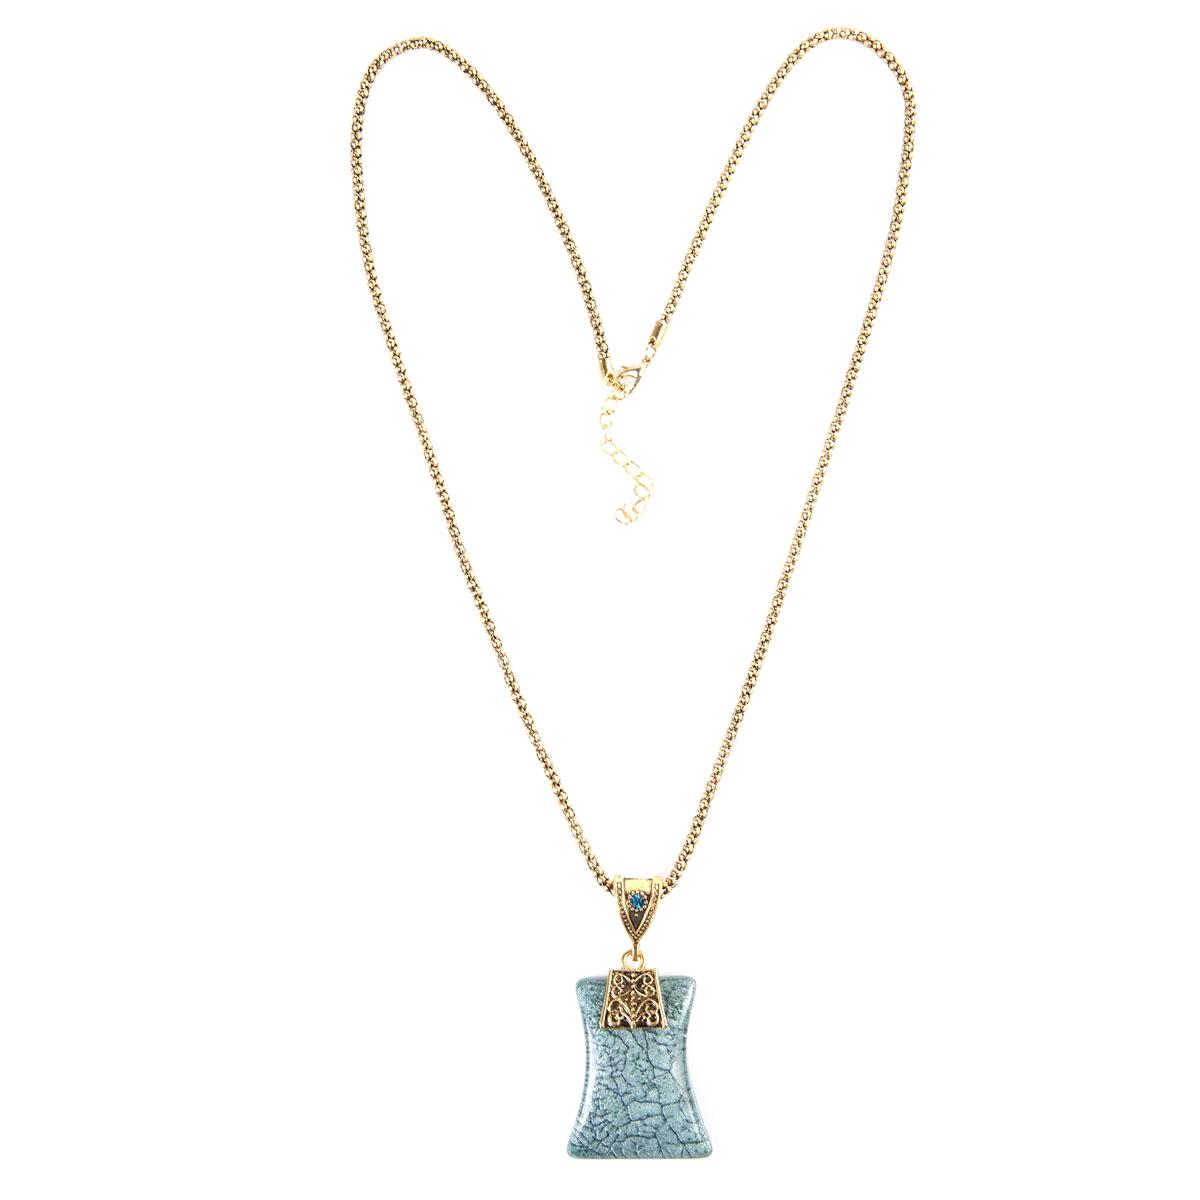 Ожерелье Модные истории, цвет: зеленый, золотой, черный. 12/0741/24312/0741/243Роскошное ожерелье Модные истории, изготовленное из металла, состоит из цепочки и стильной подвески. Металлическая подвеска оригинальной формы украшена гравированными узорами и оформлена стразом, а также крупным искусственным камнем из акриловой смолы. В комплект с подвеской входят металлическая цепочка и текстильный шнурок, которые застегиваются на замок-карабин. Длина ожерелья регулируется. Изысканное ожерелье добавит женственных ноток в образ и подчеркнет вашу утонченную натуру.